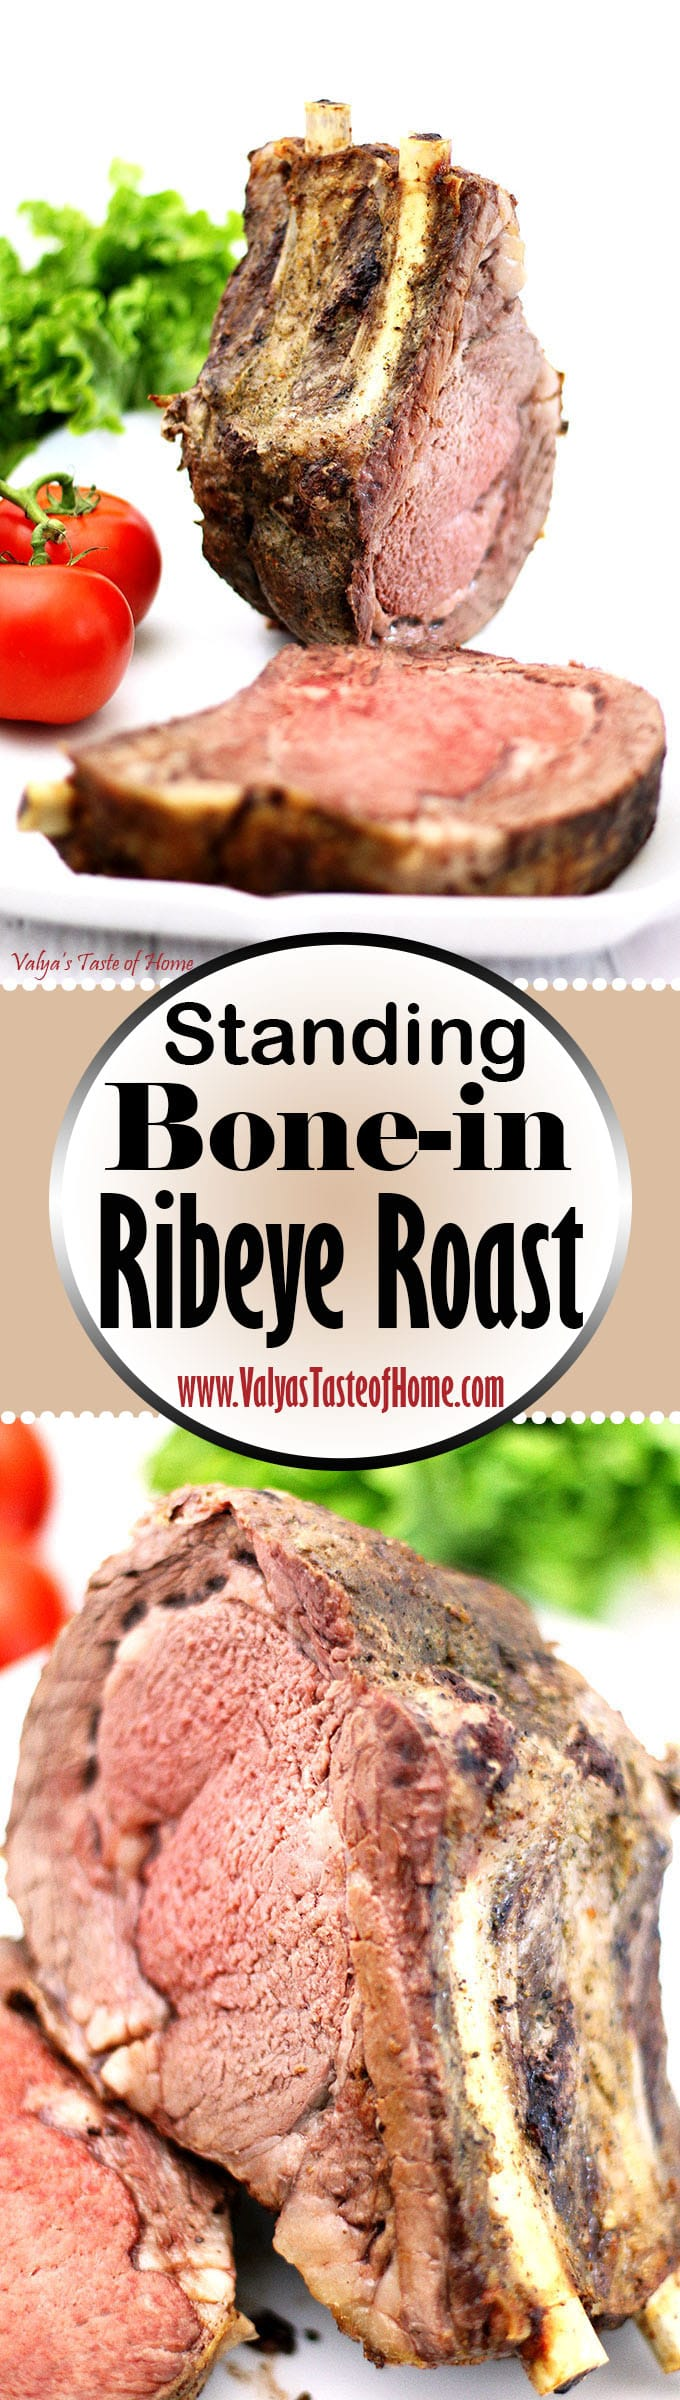 beef, bone-in rib roast, bone-in steak, juicy, ribeye steak, roasted standing bone-in steak, so delicious, soft, standing beef steak, Standing Bone-in Ribeye Roast Recipe, steak, tender